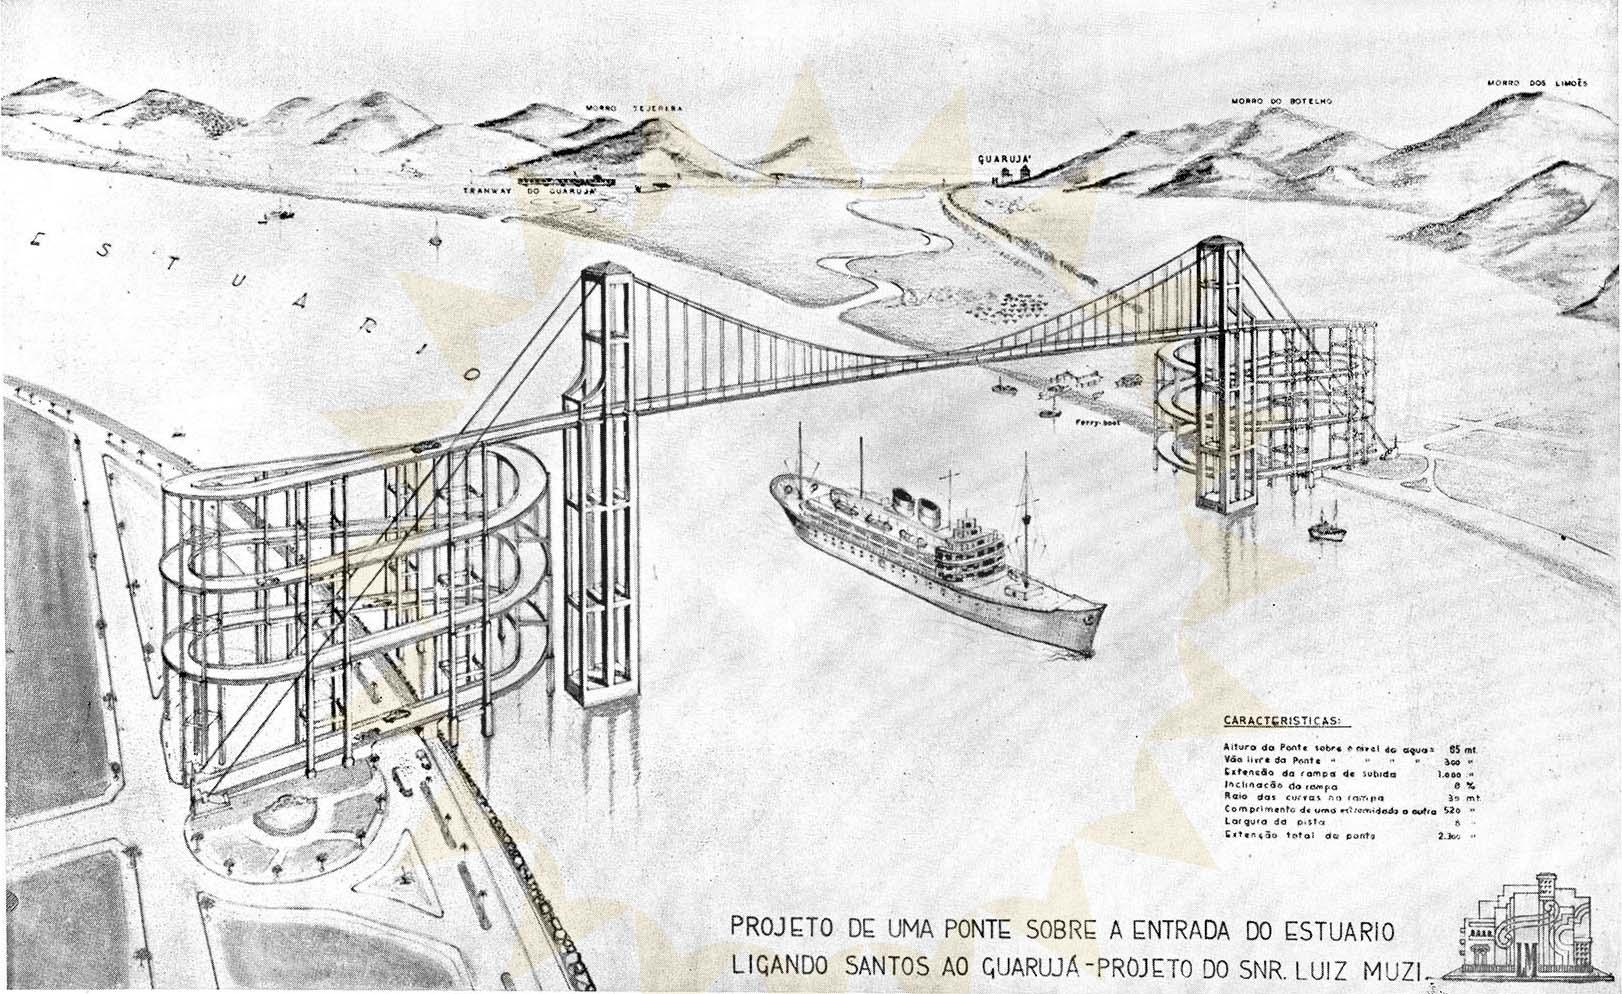 Desenho original da ponte de Luiz Muzi, em sua primeira versão, cujas torres de sustentação ficavam dentro do canal do estuário.